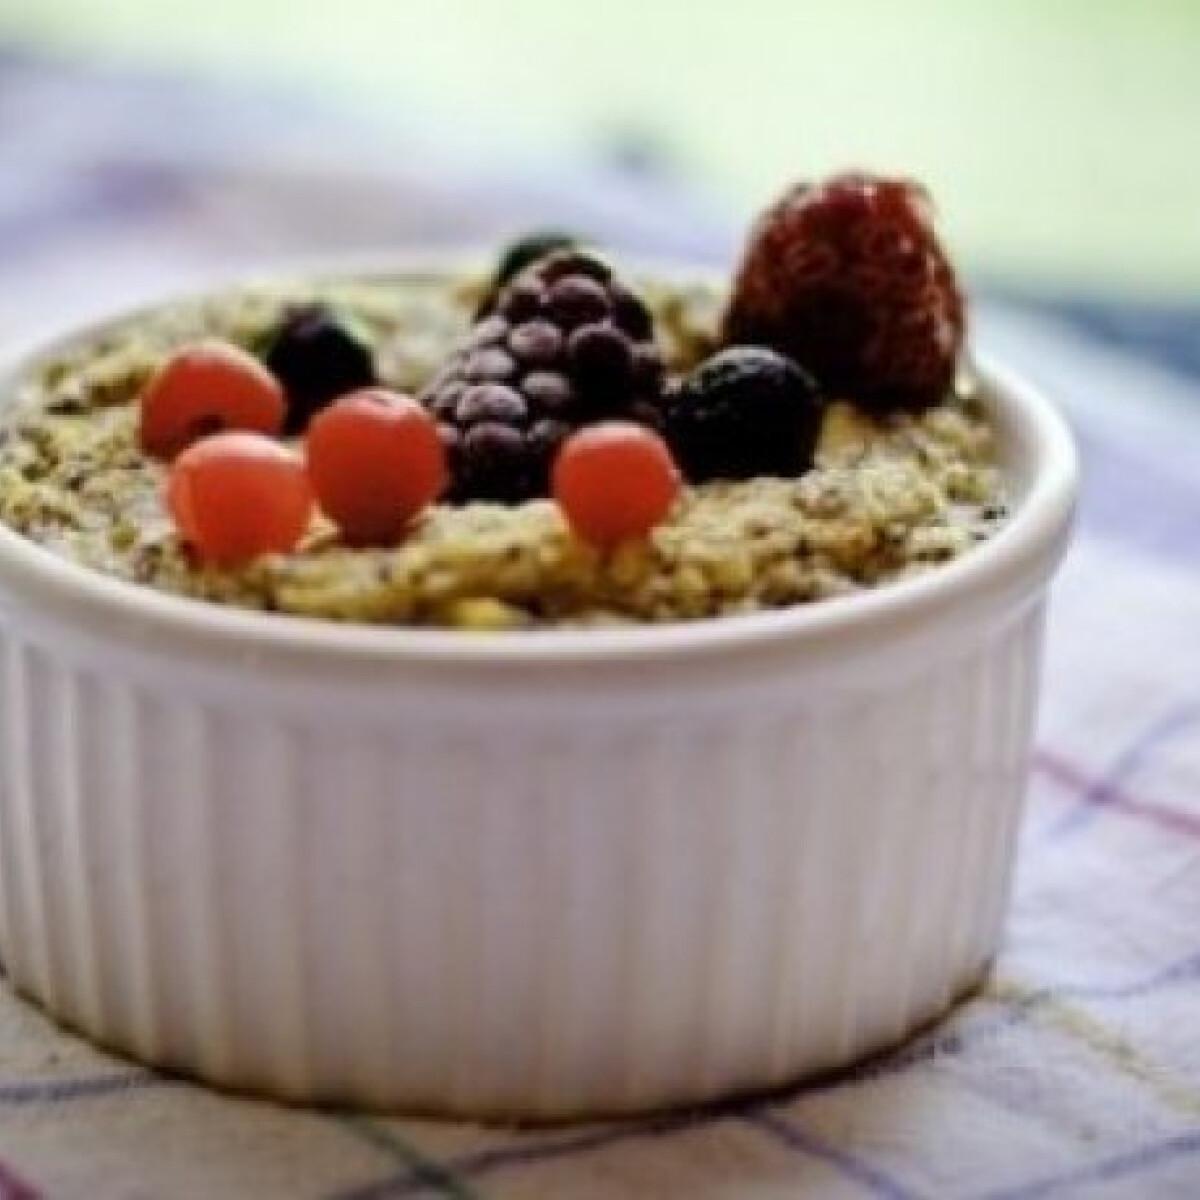 Ezen a képen: Mákos köles reggeli